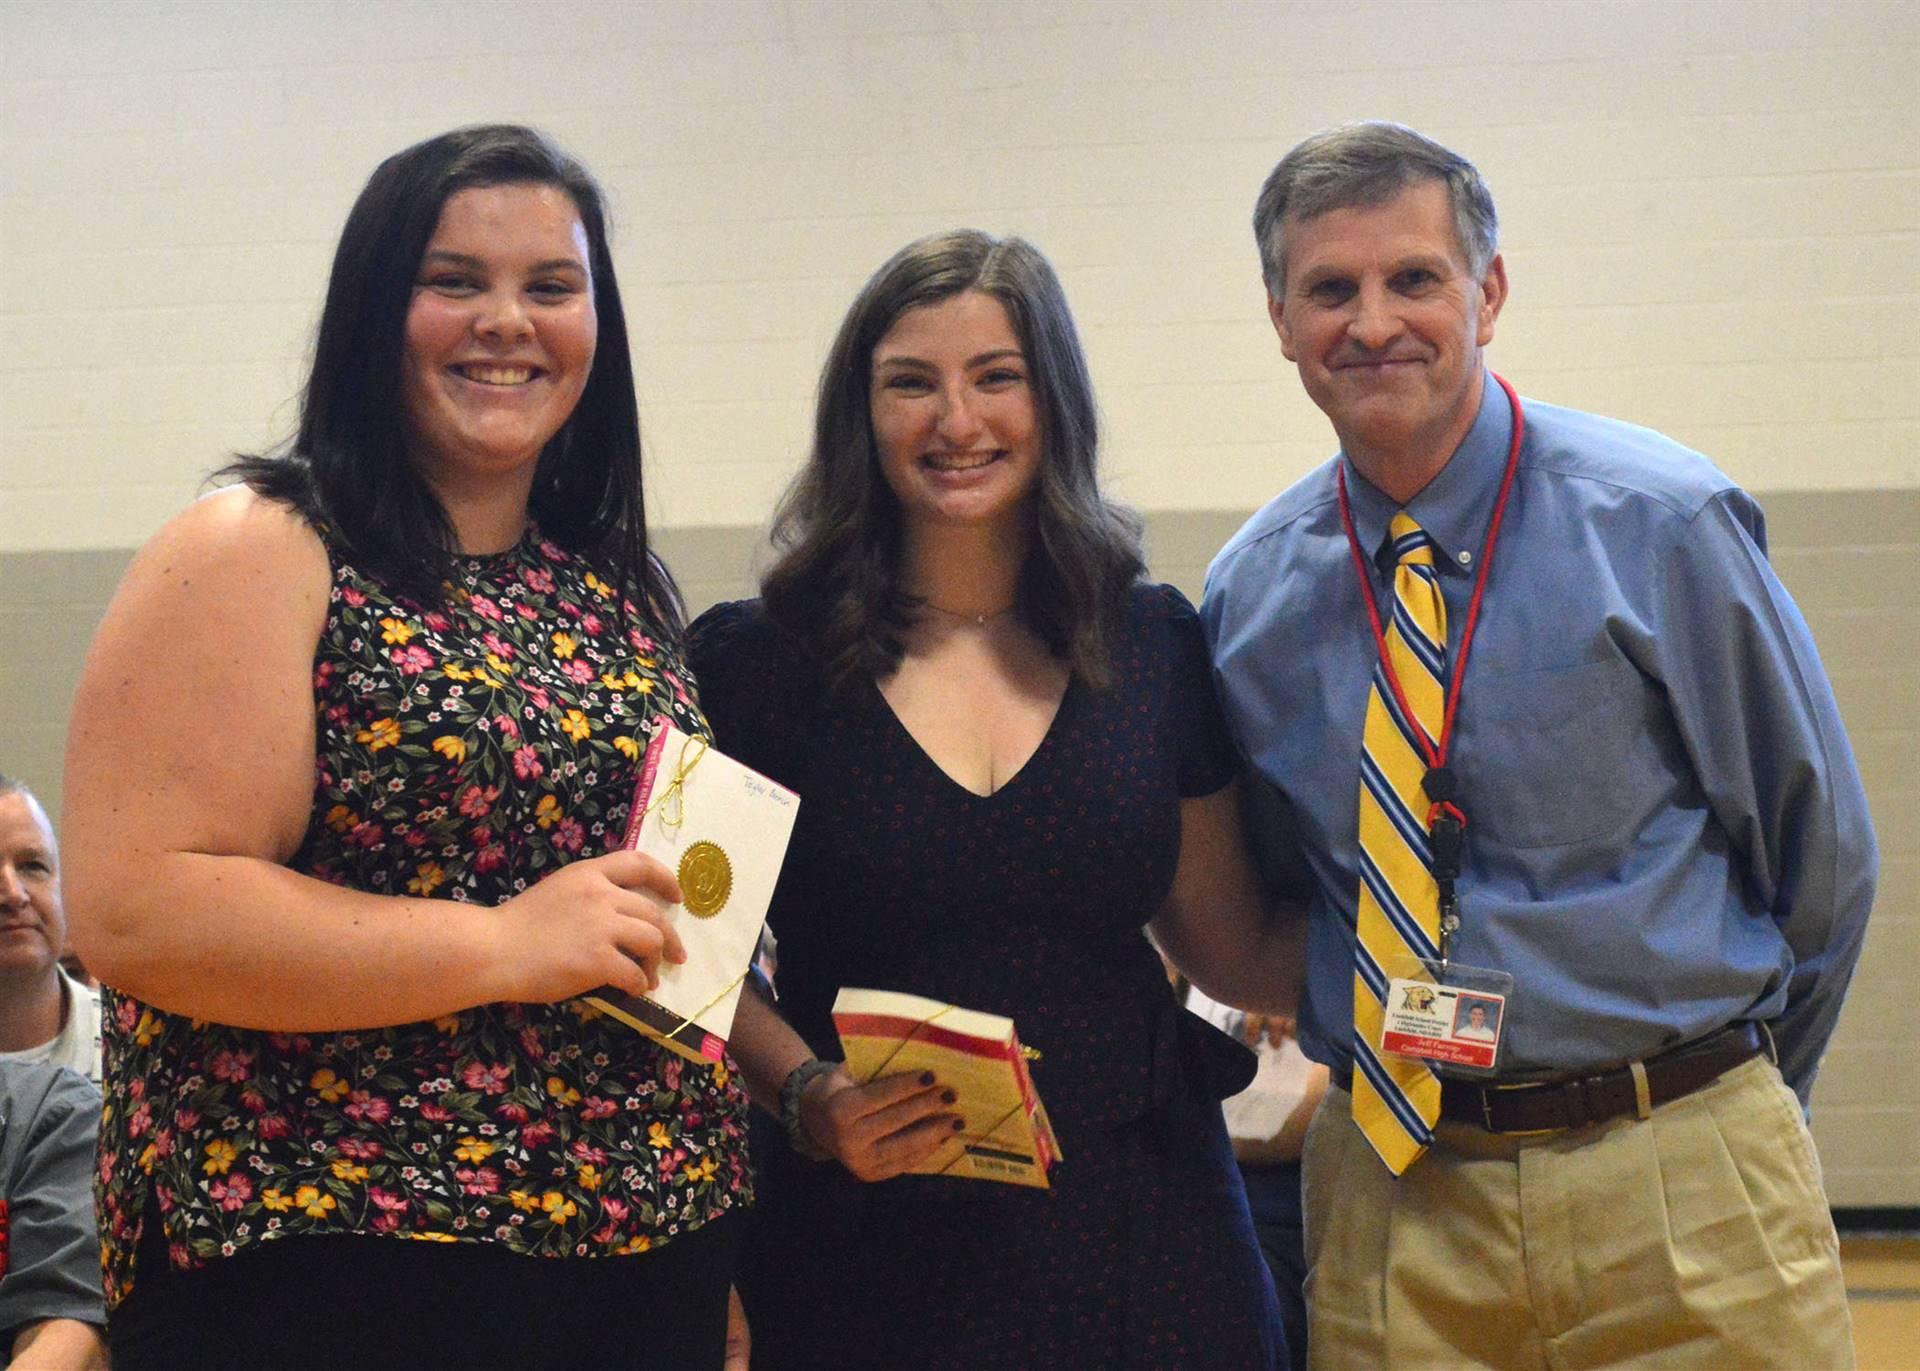 Book Award- Taylor & Kasey